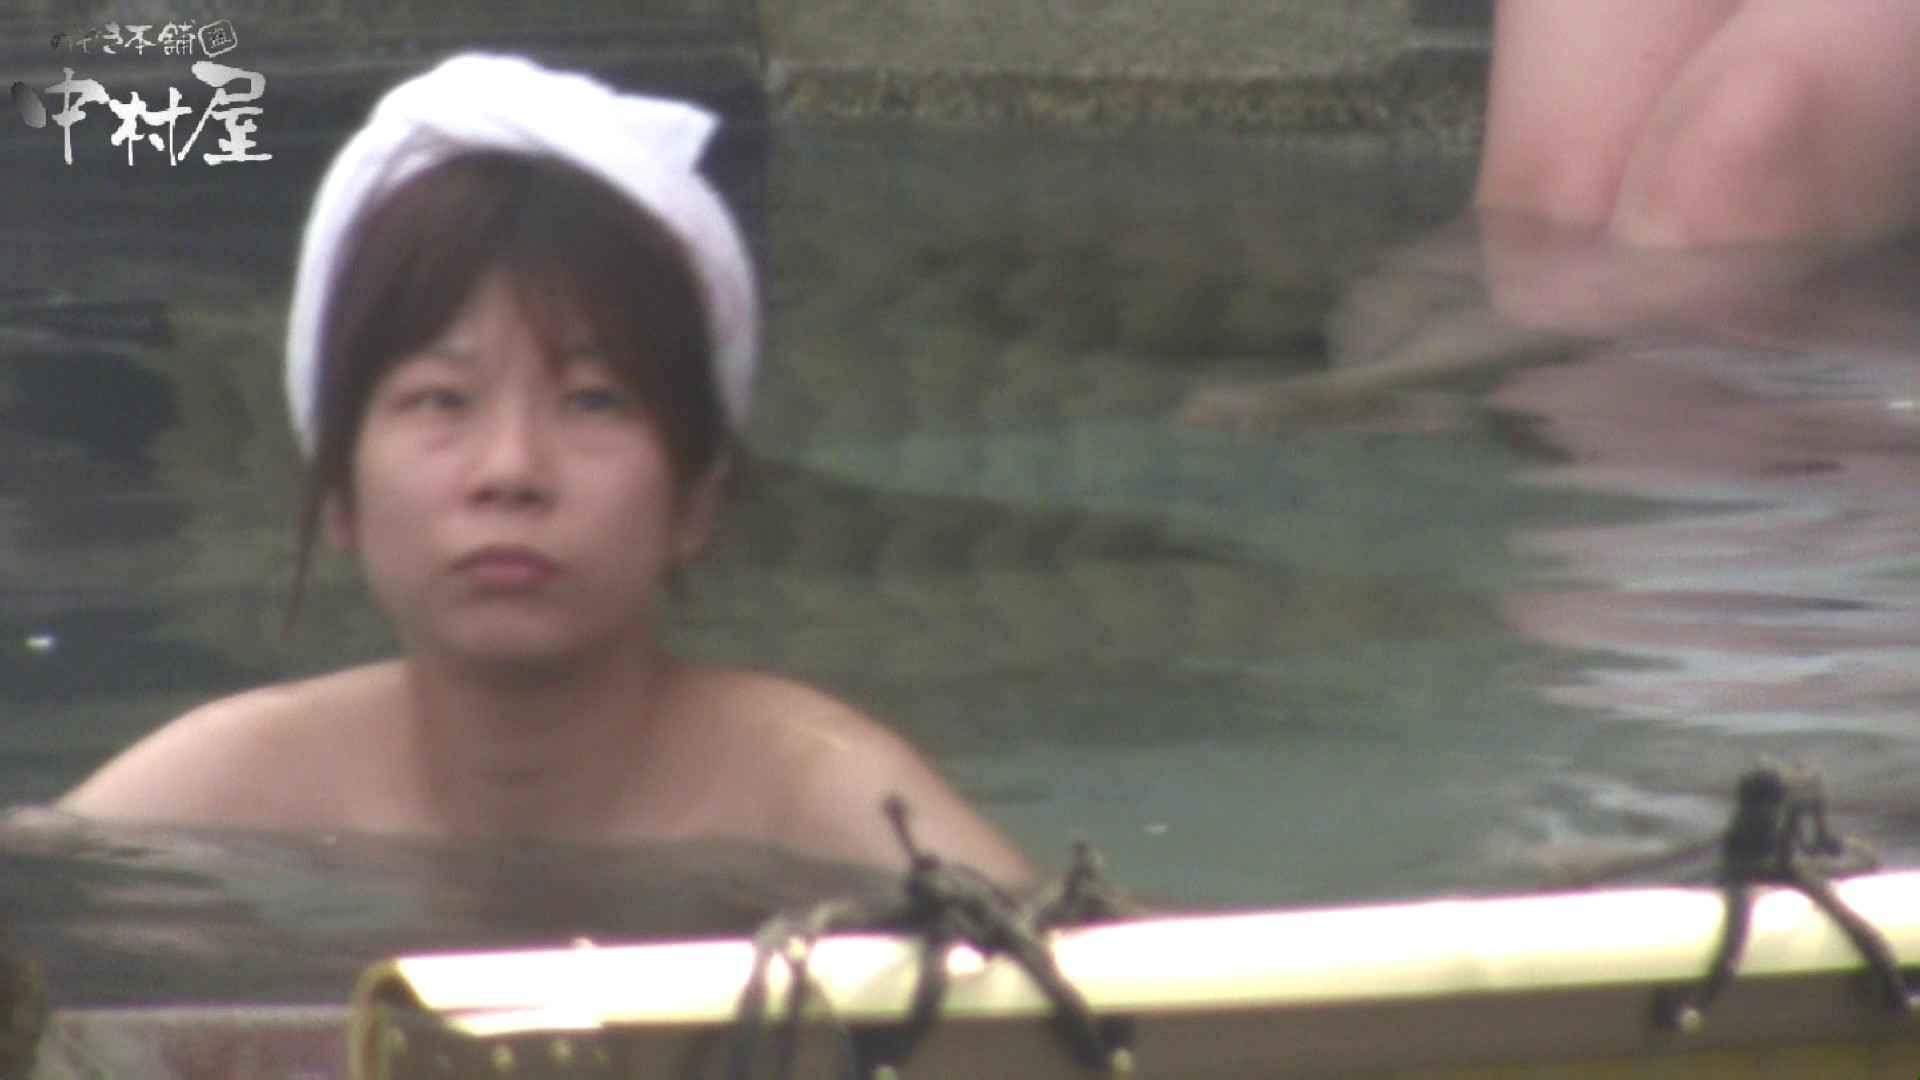 Aquaな露天風呂Vol.926 露天風呂  10枚 8